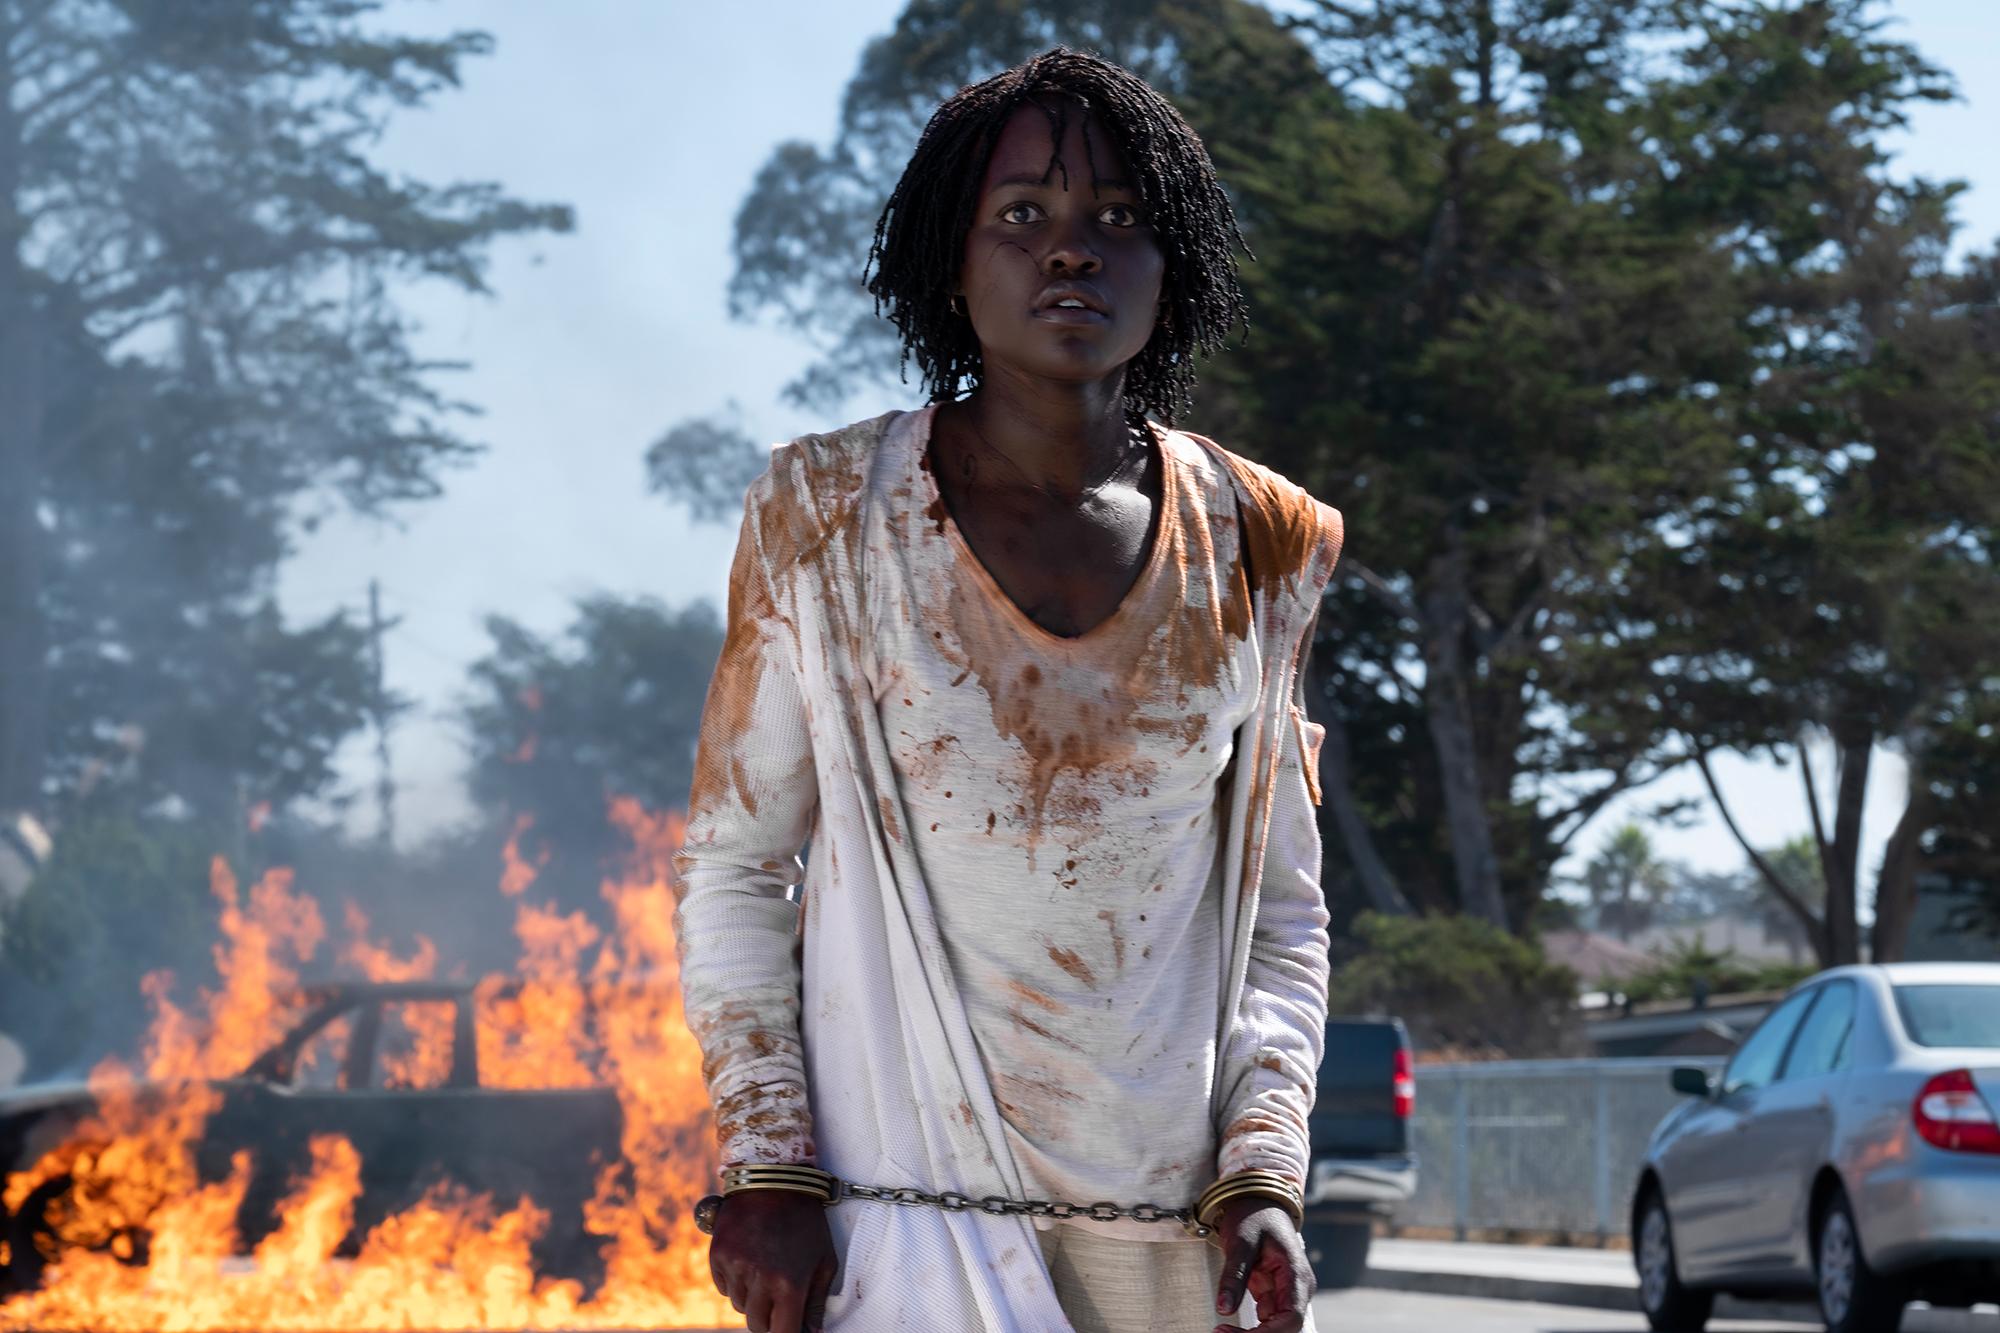 Us Movie Review - Lupita Nyong'o in Us.